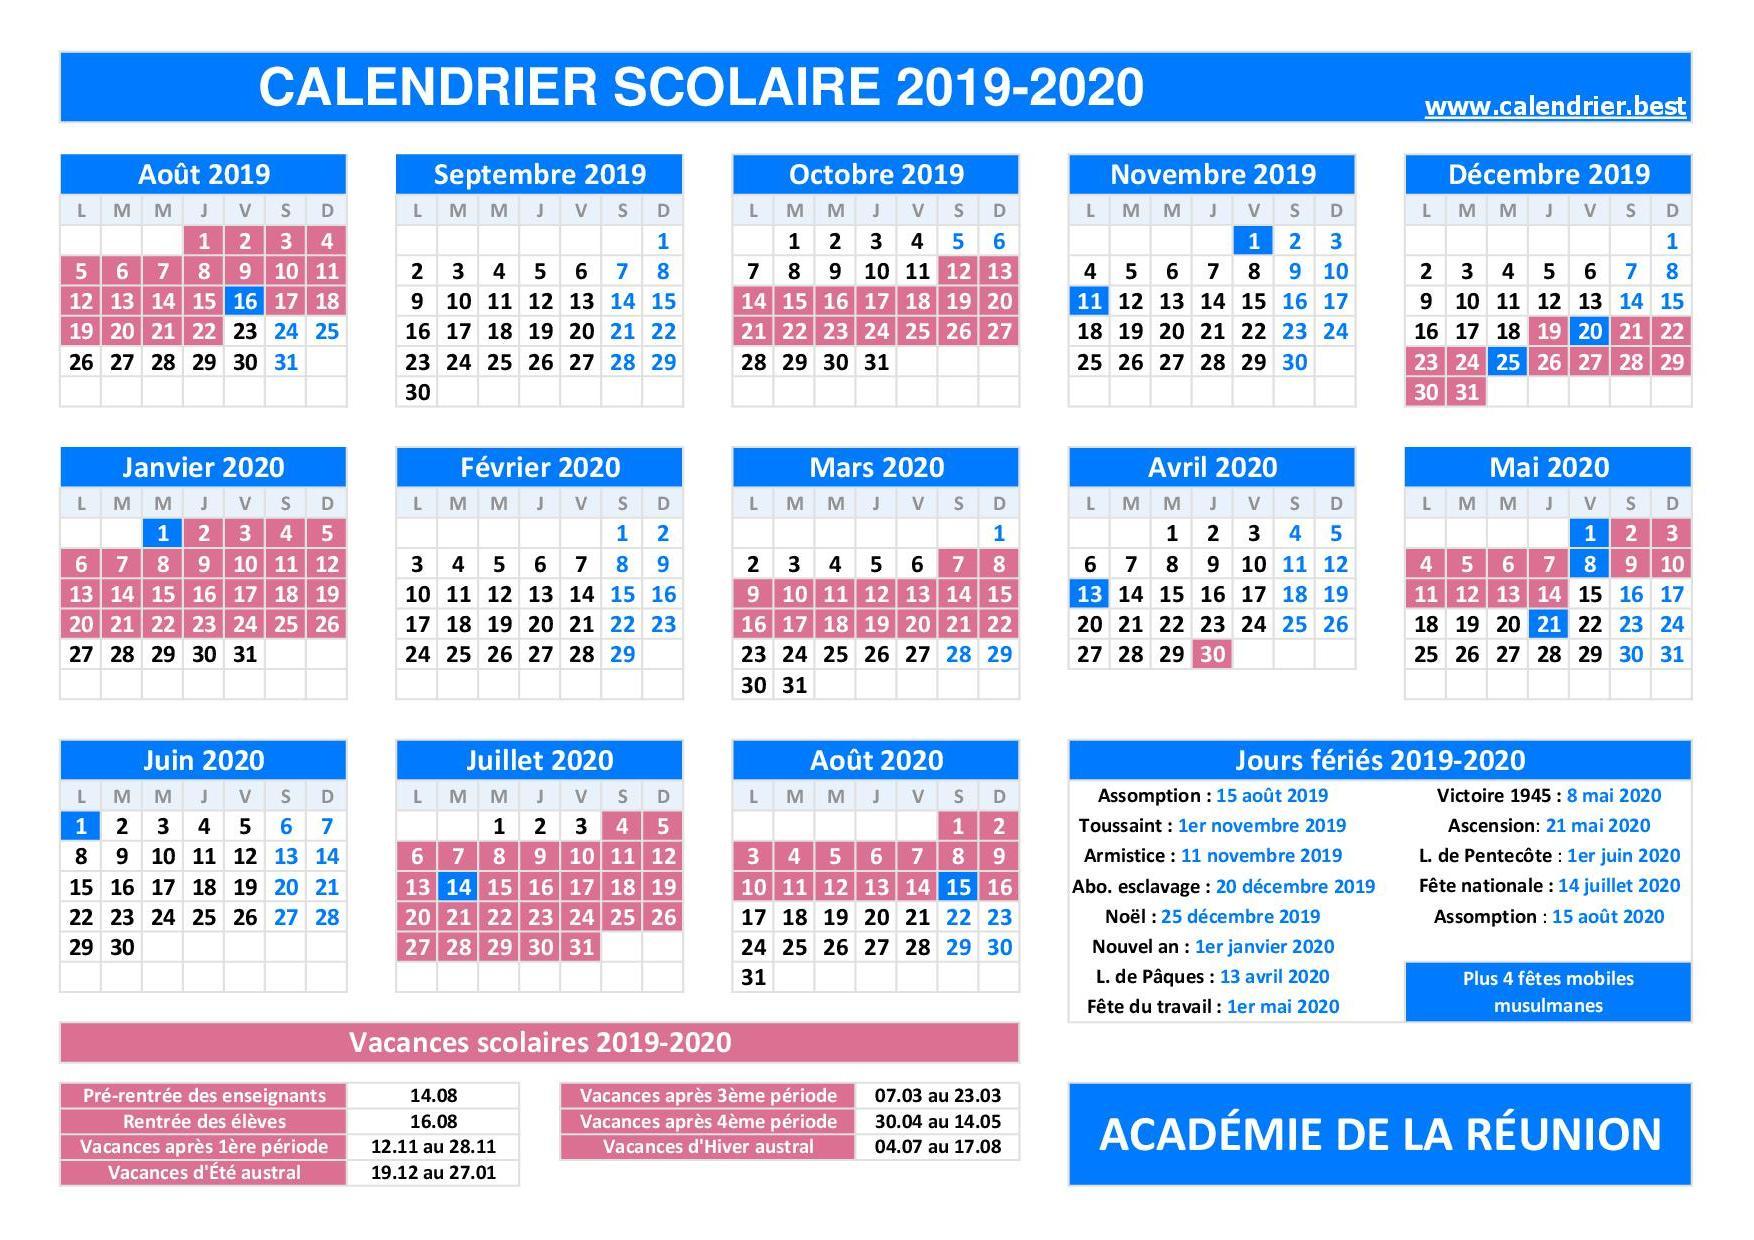 Vacances scolaires académie de La réunion